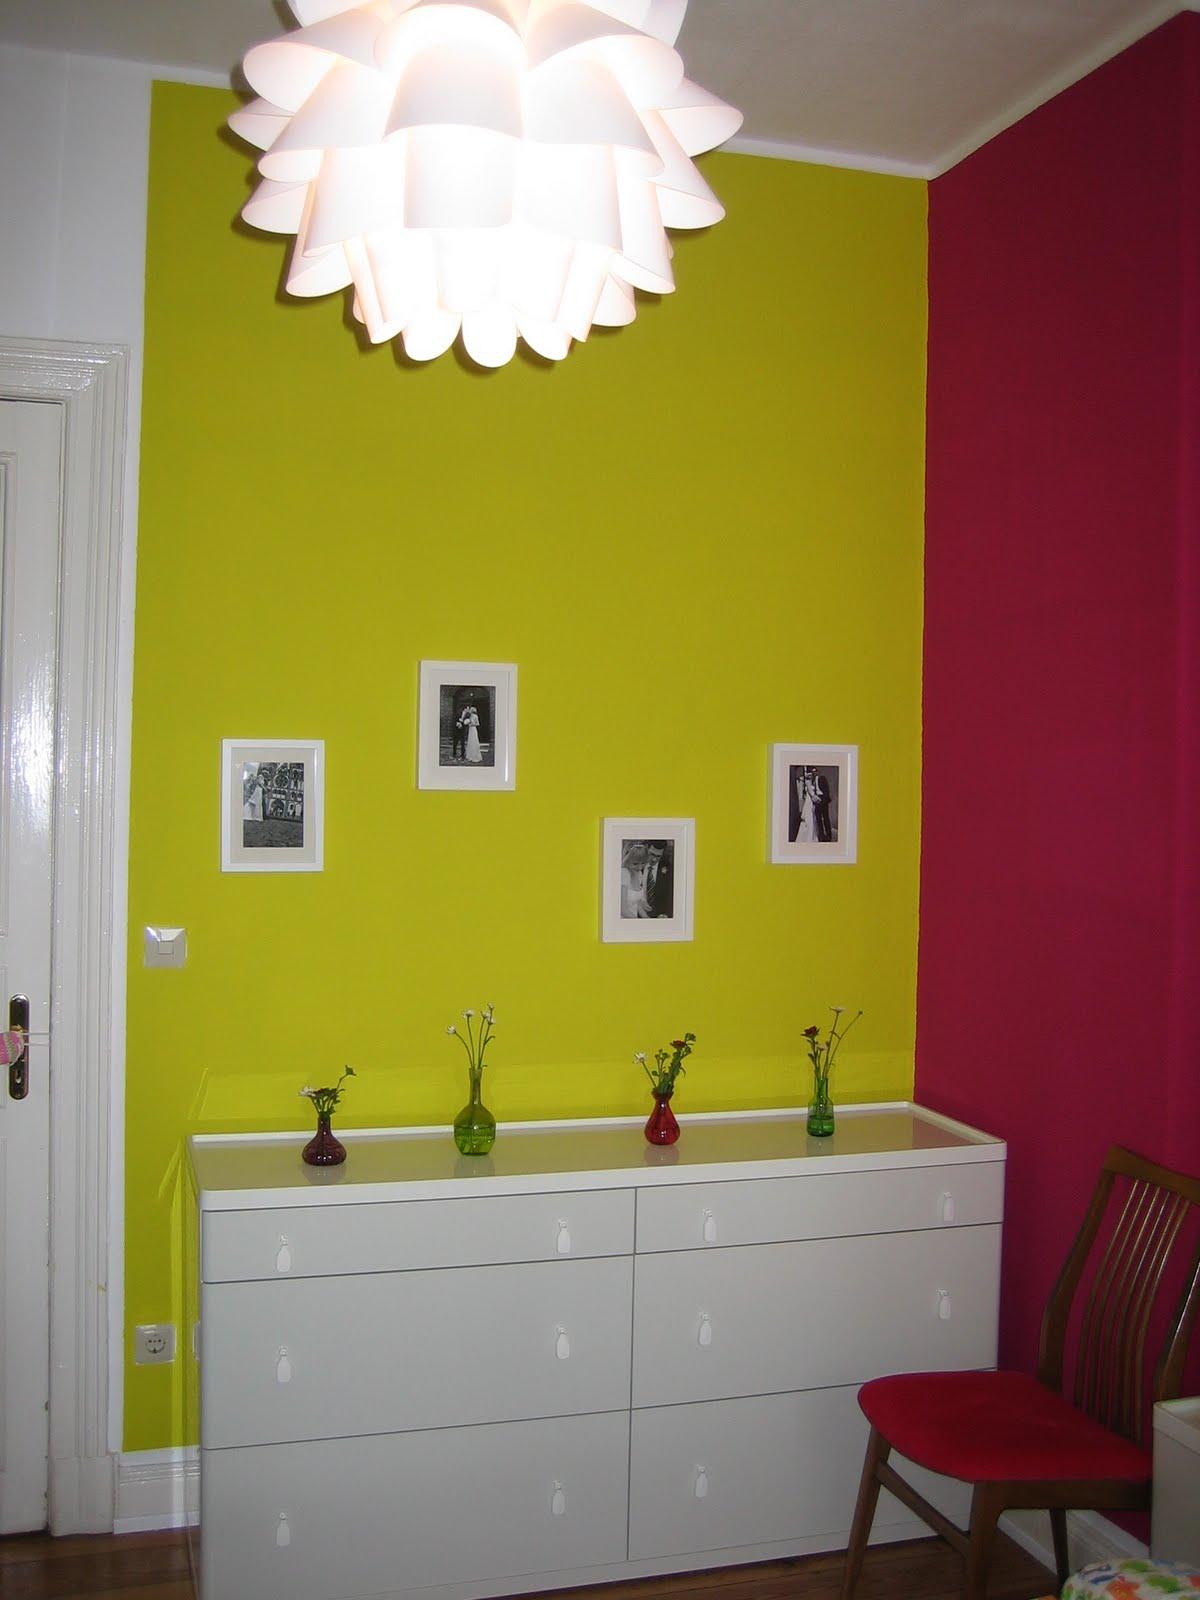 Ikea schlafzimmer serien schlafzimmer ideen offen bettw sche test 135x200 jungen wandfarbe - Luftfeuchtigkeit im schlafzimmer senken ...